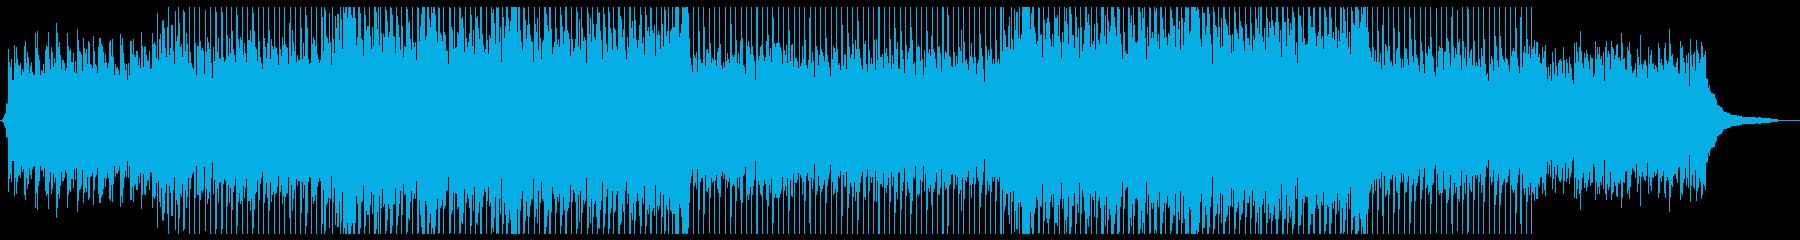 前向きで爽やかなコーポレートムービー向けの再生済みの波形